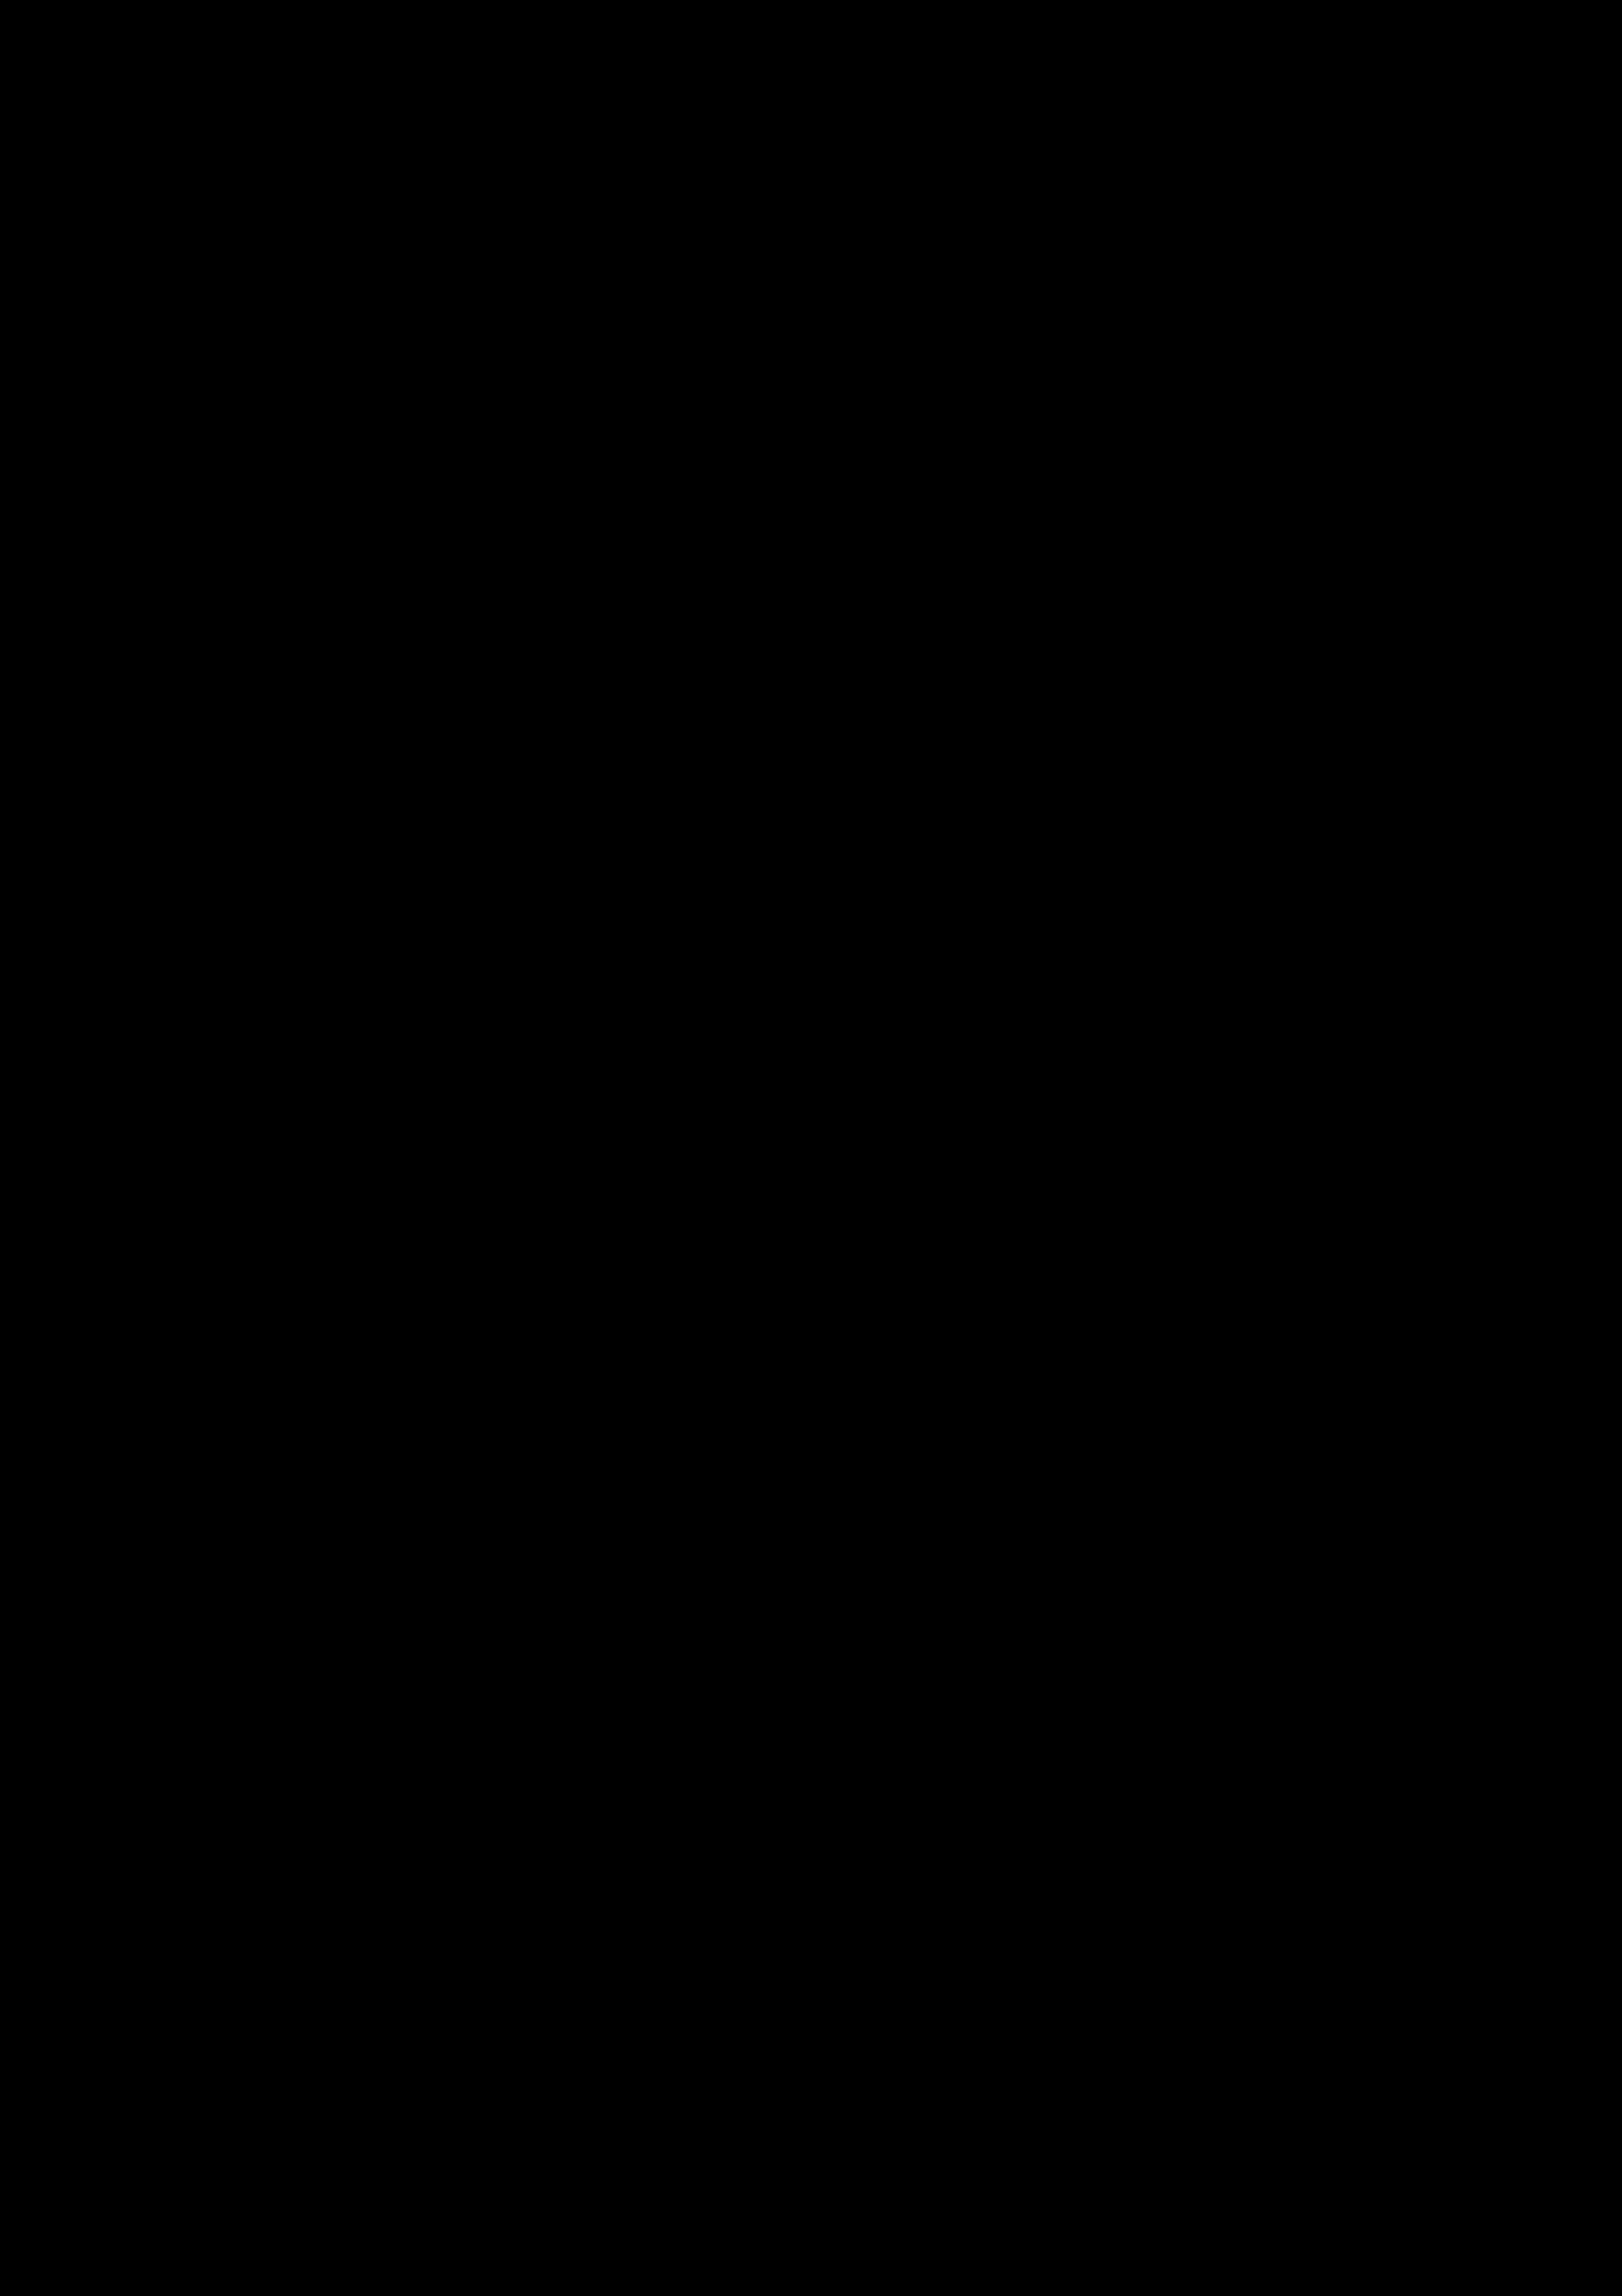 クリスマス・イベント開催します